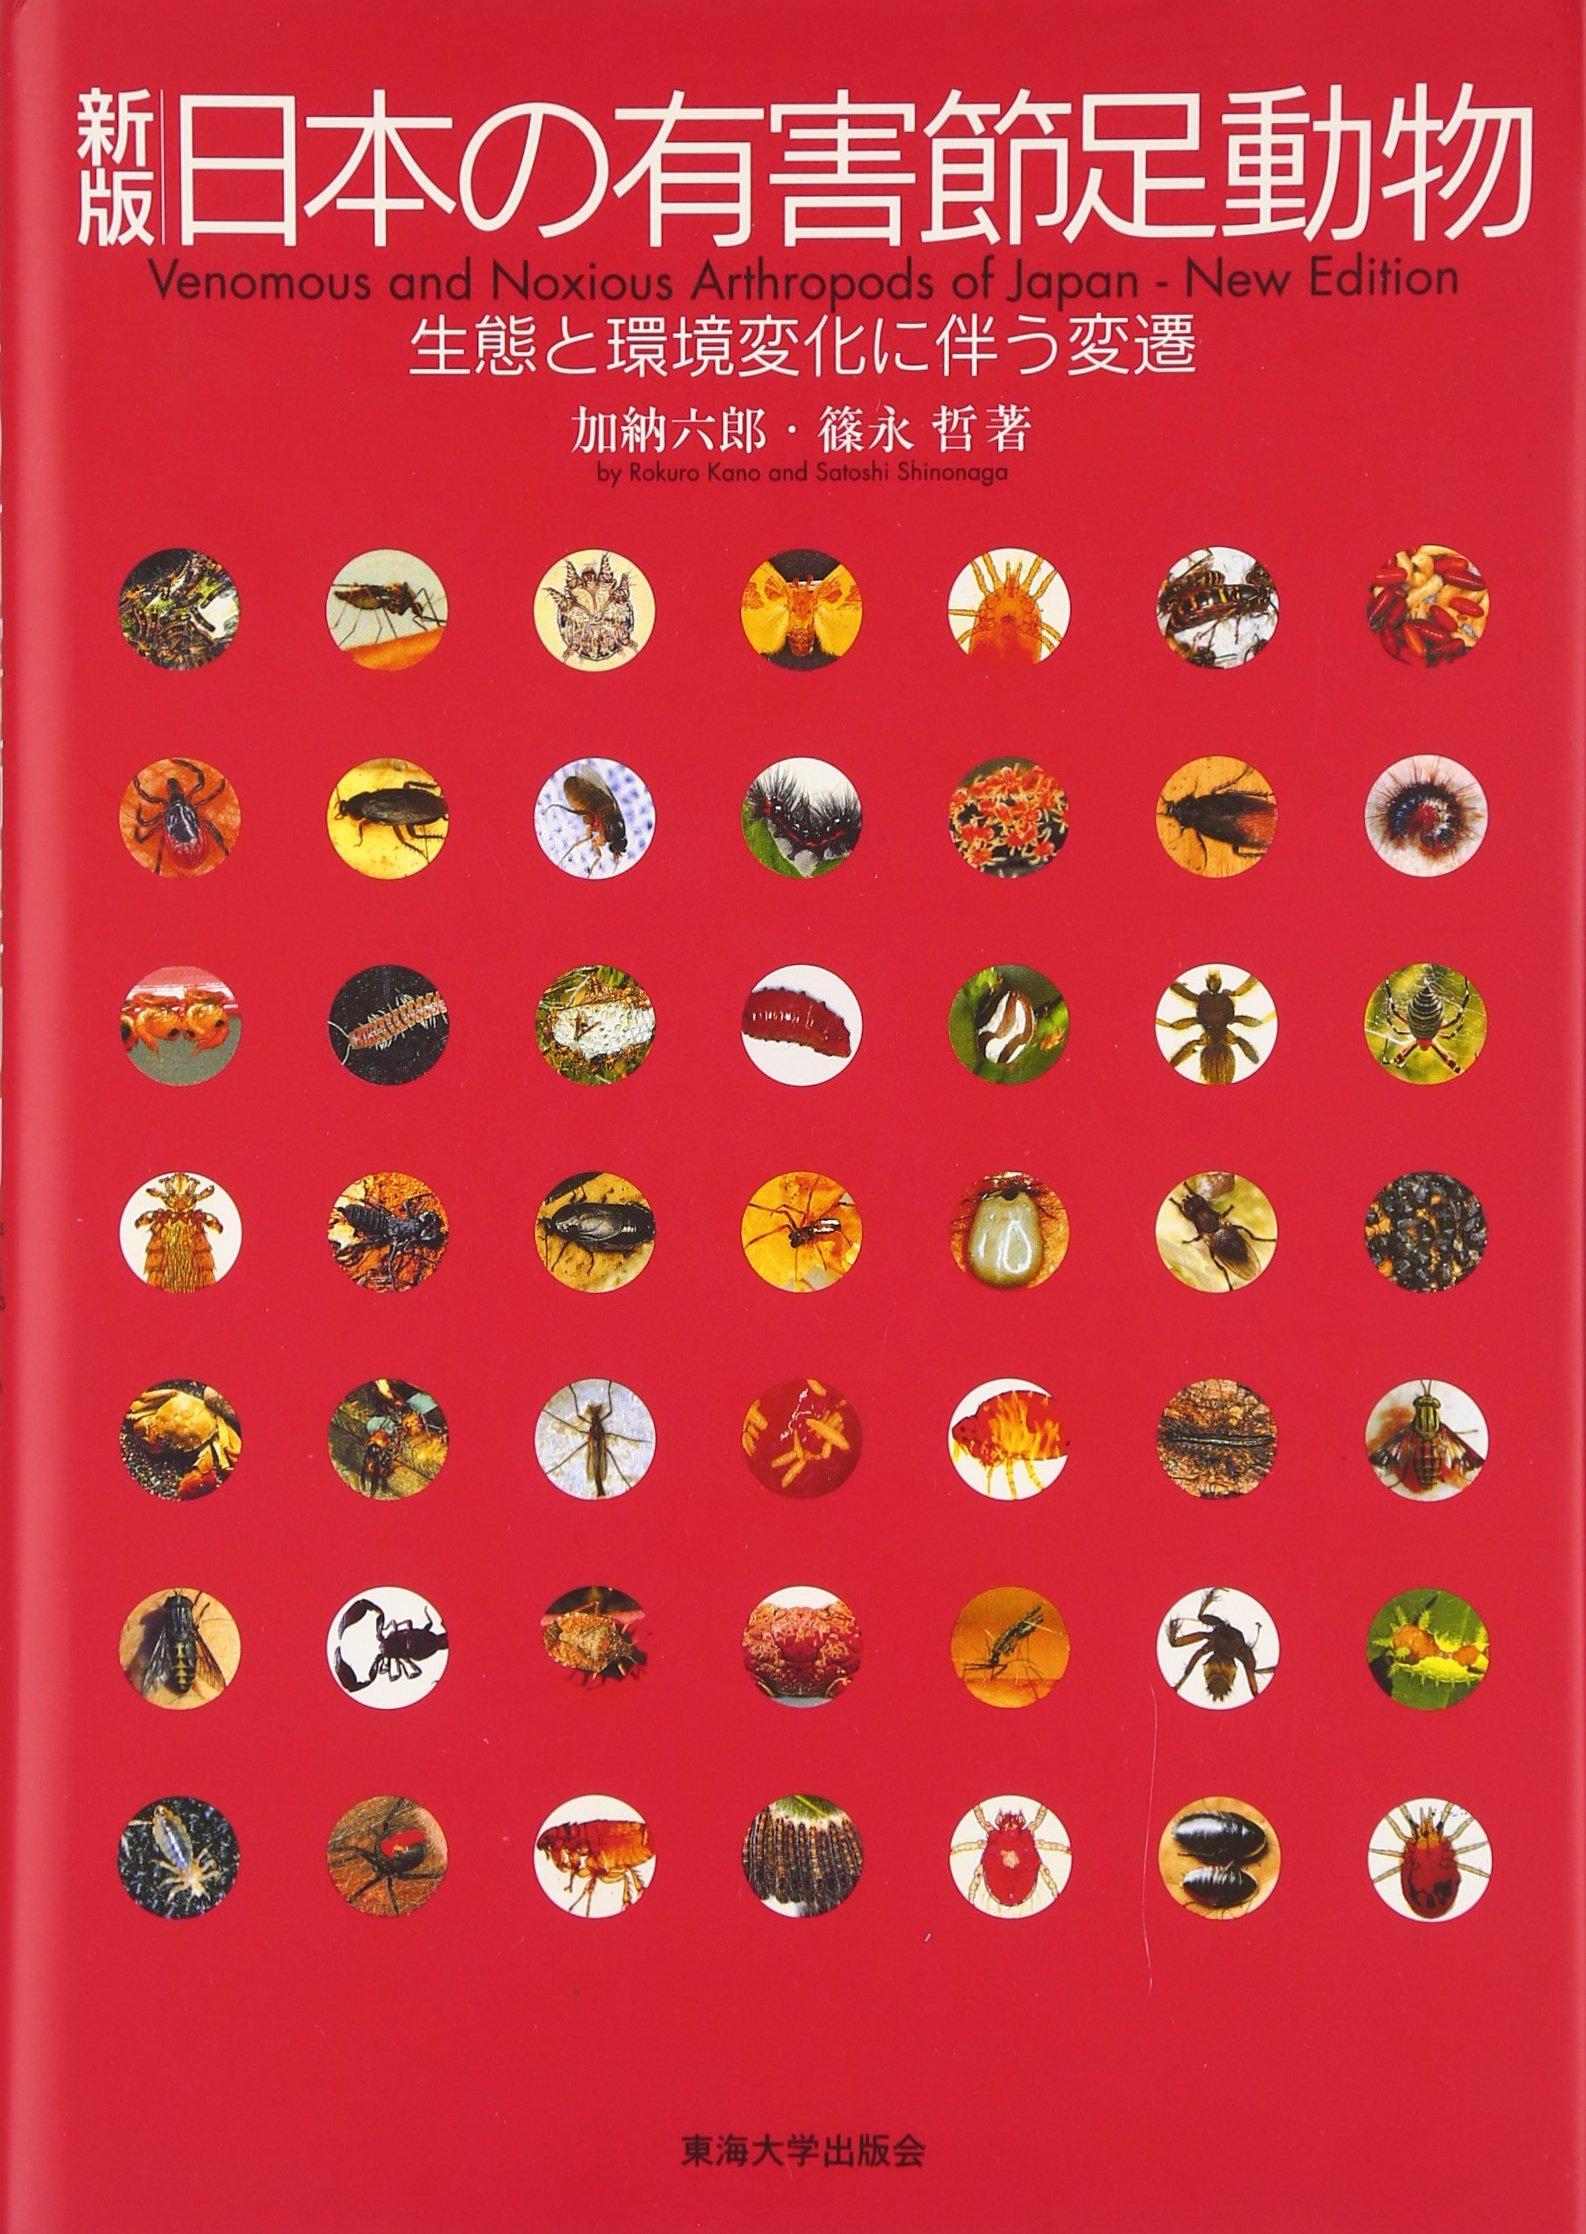 Nihon no yūgai sessoku dōbutsu = Venomous and noxious arthropods of Japan : Seitai to kankyō henka ni tomonau hensen ebook